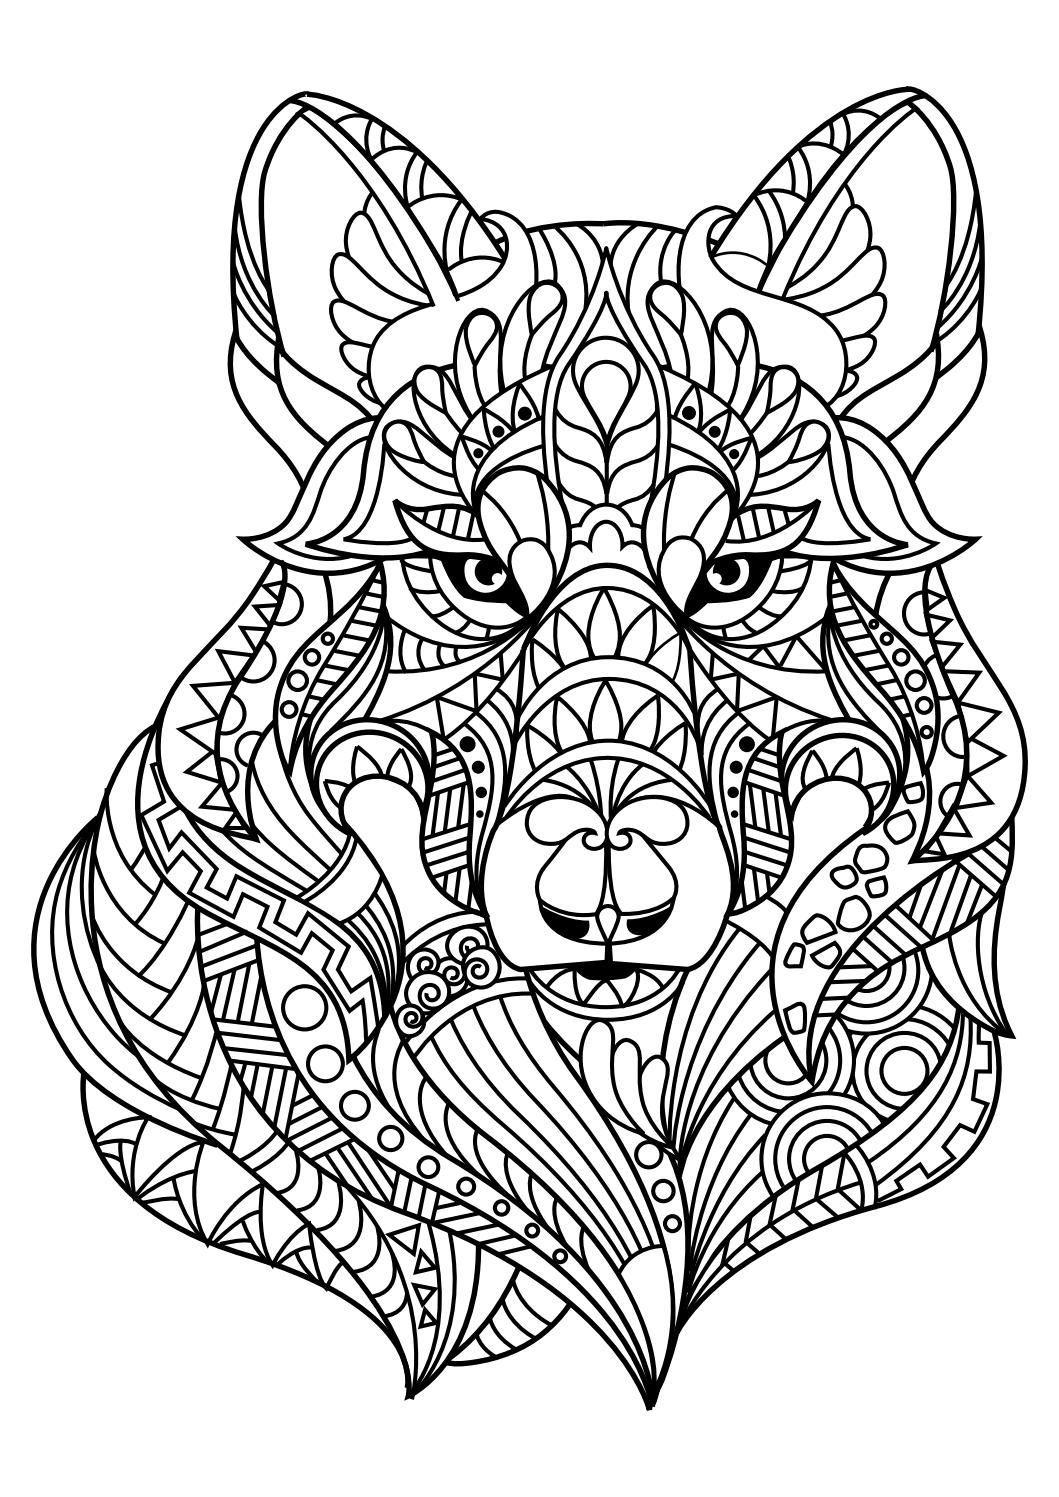 Wild Animal Coloring Pages Pdf In Conjunction With Jungle Animal Coloring Pages Pdf Together With Farm An Malvorlagen Pferde Malvorlagen Tiere Malbuch Vorlagen